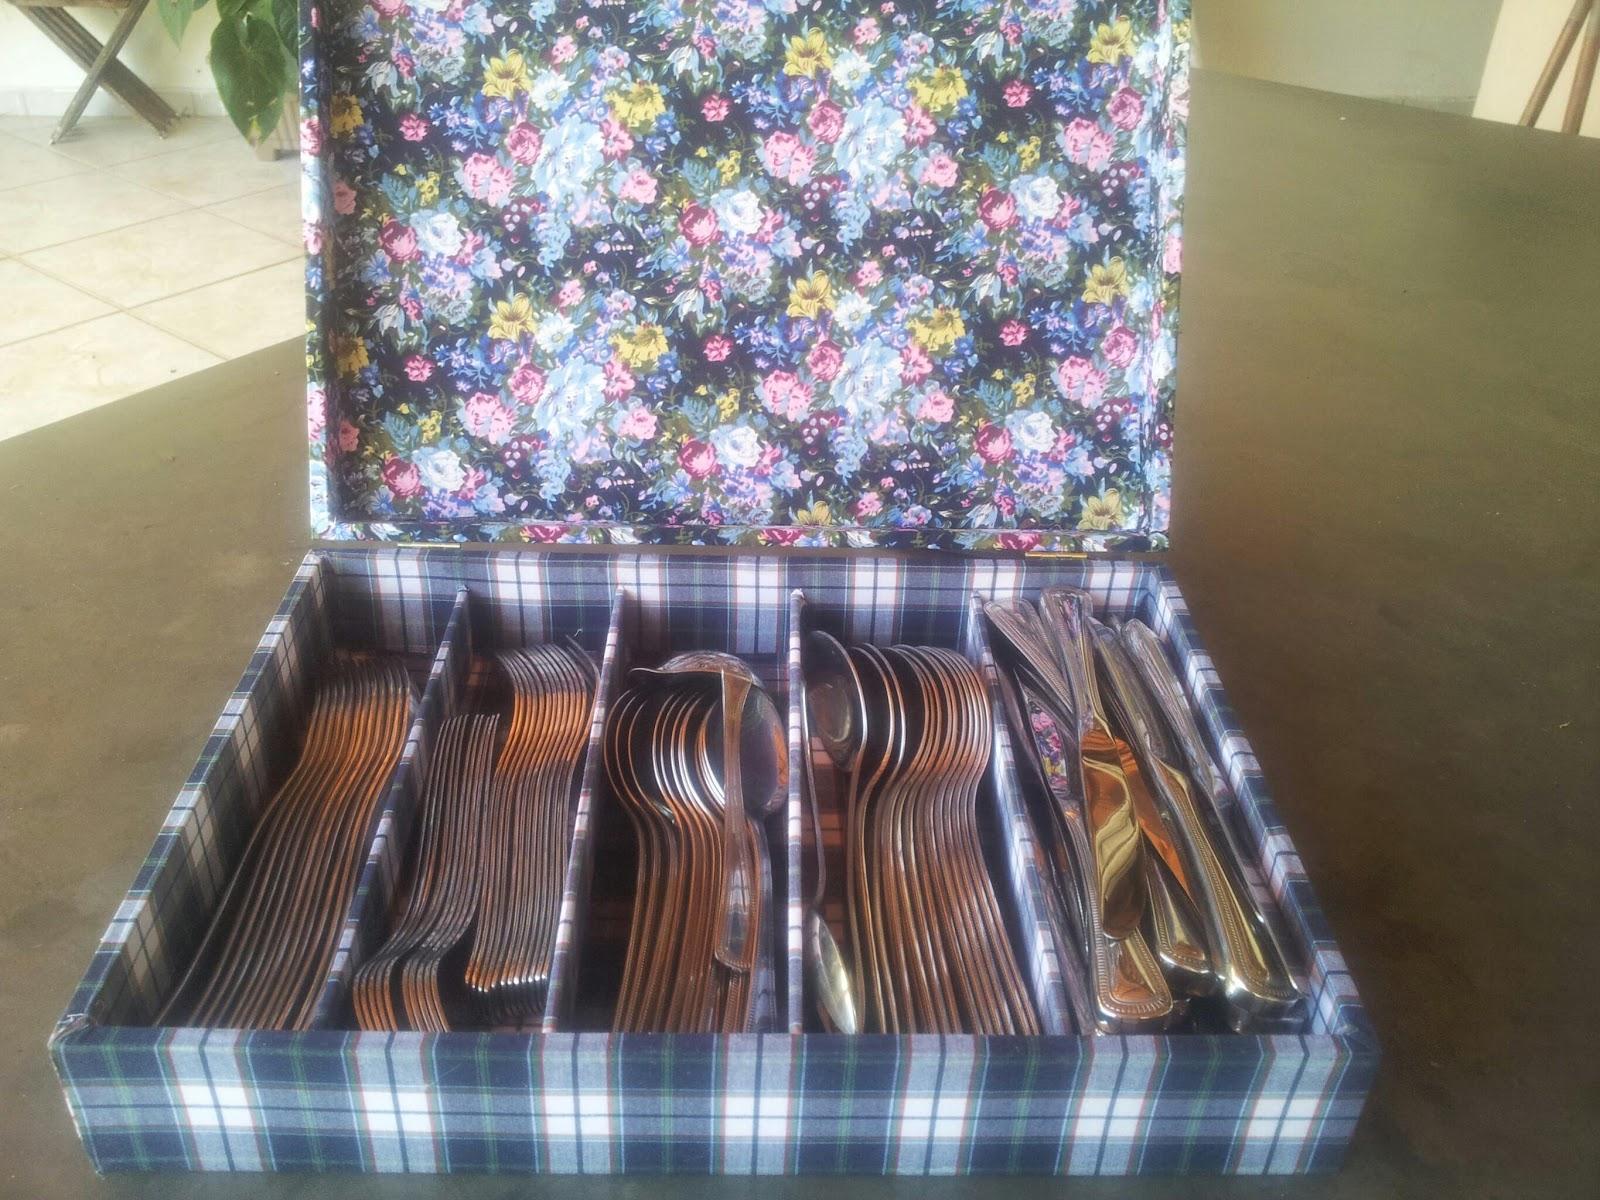 Adesivo De Guarda Roupa Infantil ~ Artesanatos Goi u00e2nia Mina das Artes Caixa para talheres forrada com tecido